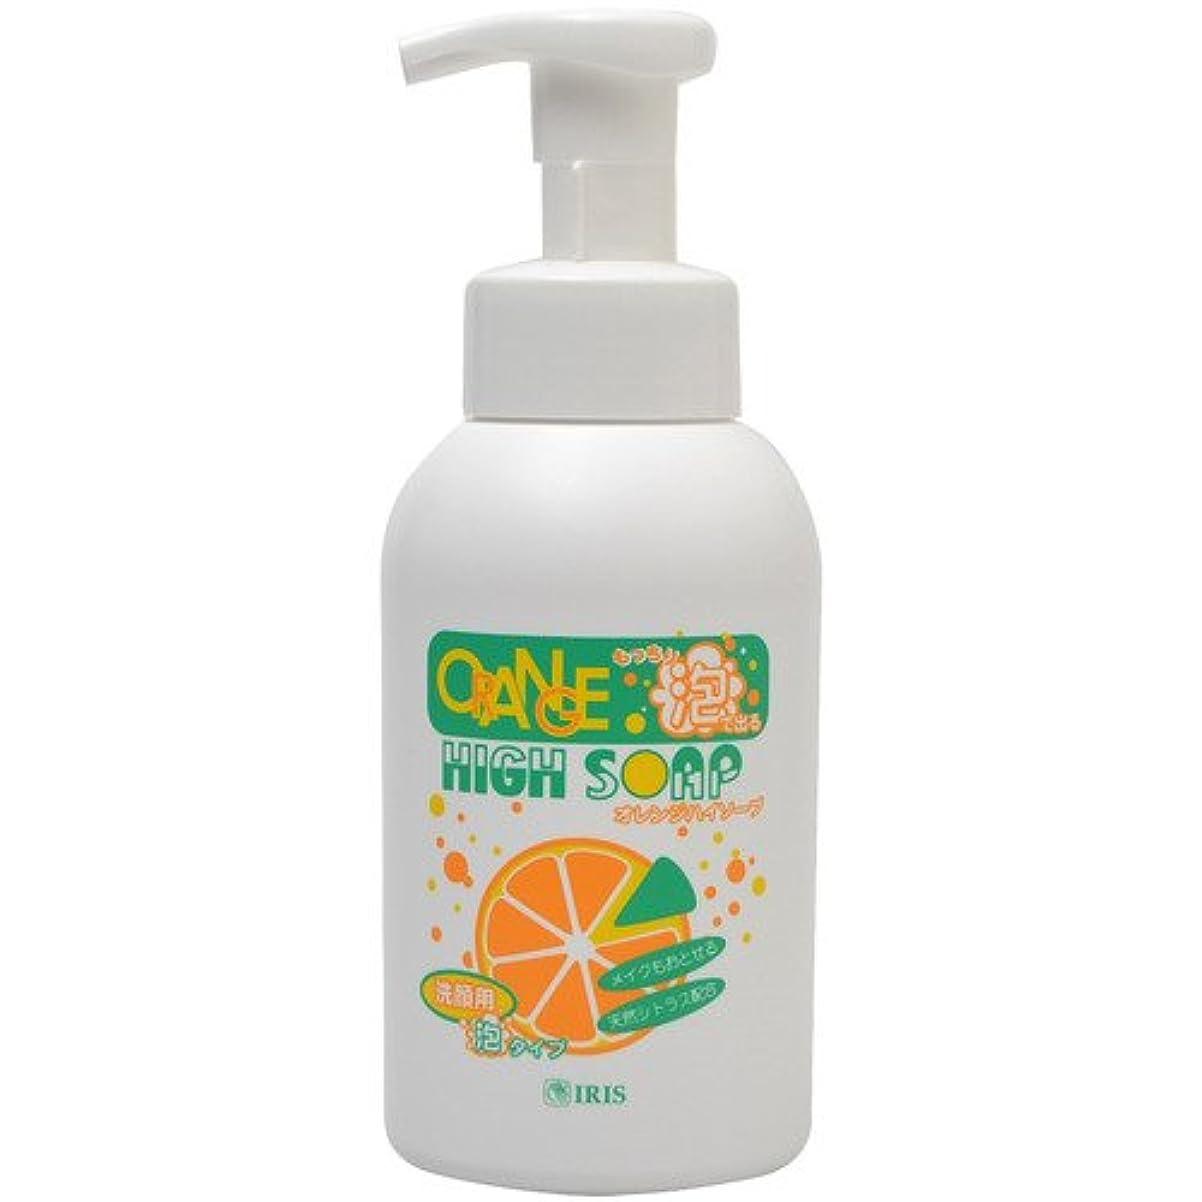 対角線ビルダー処方オレンジハイソープ 洗顔用 泡タイプ ポンプ式 400ml